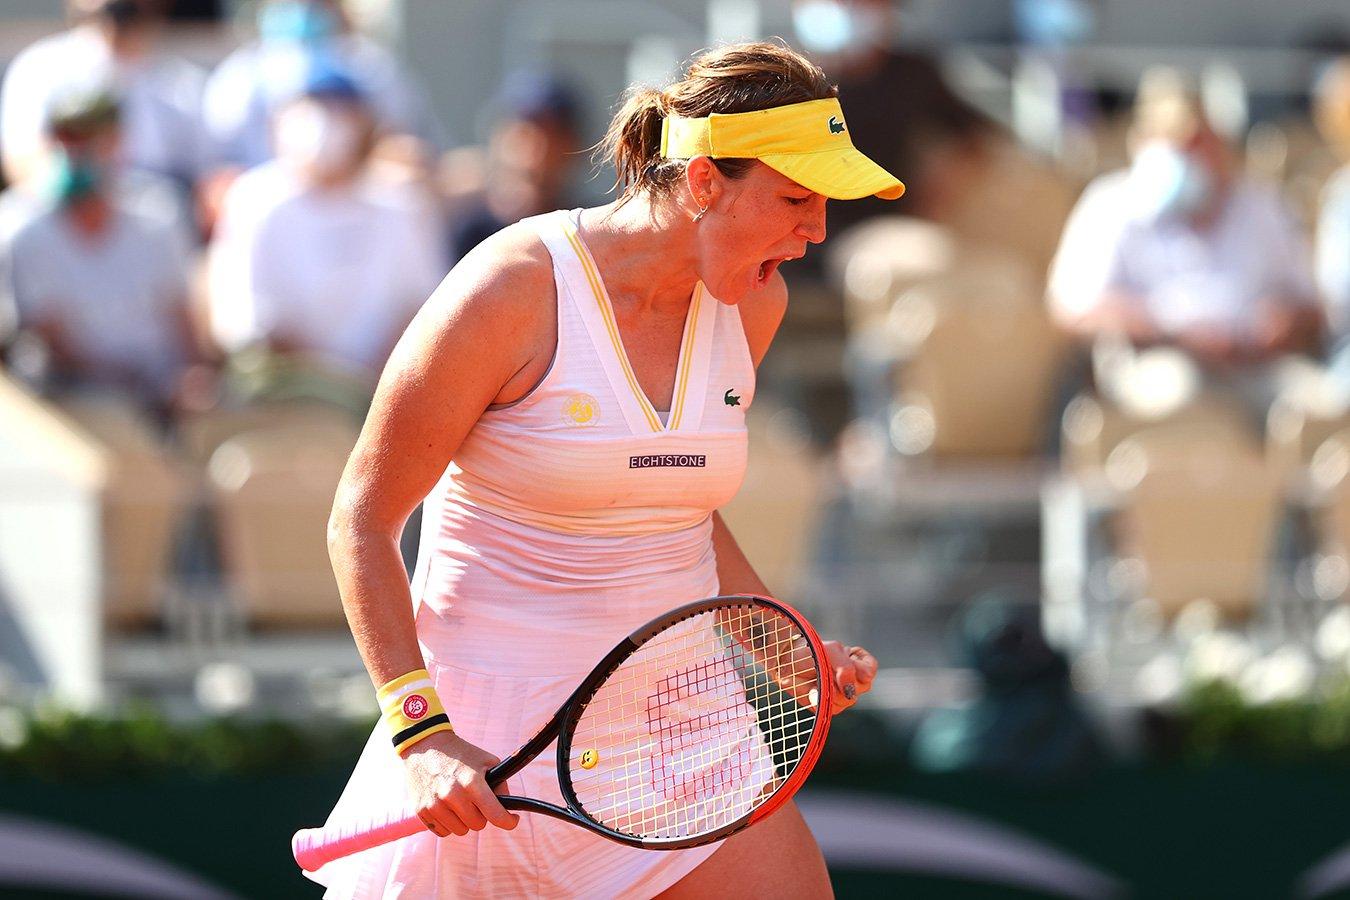 Павлюченкова пробилась в полуфинал «Ролан Гаррос», в упорной битве обыграв Рыбакину